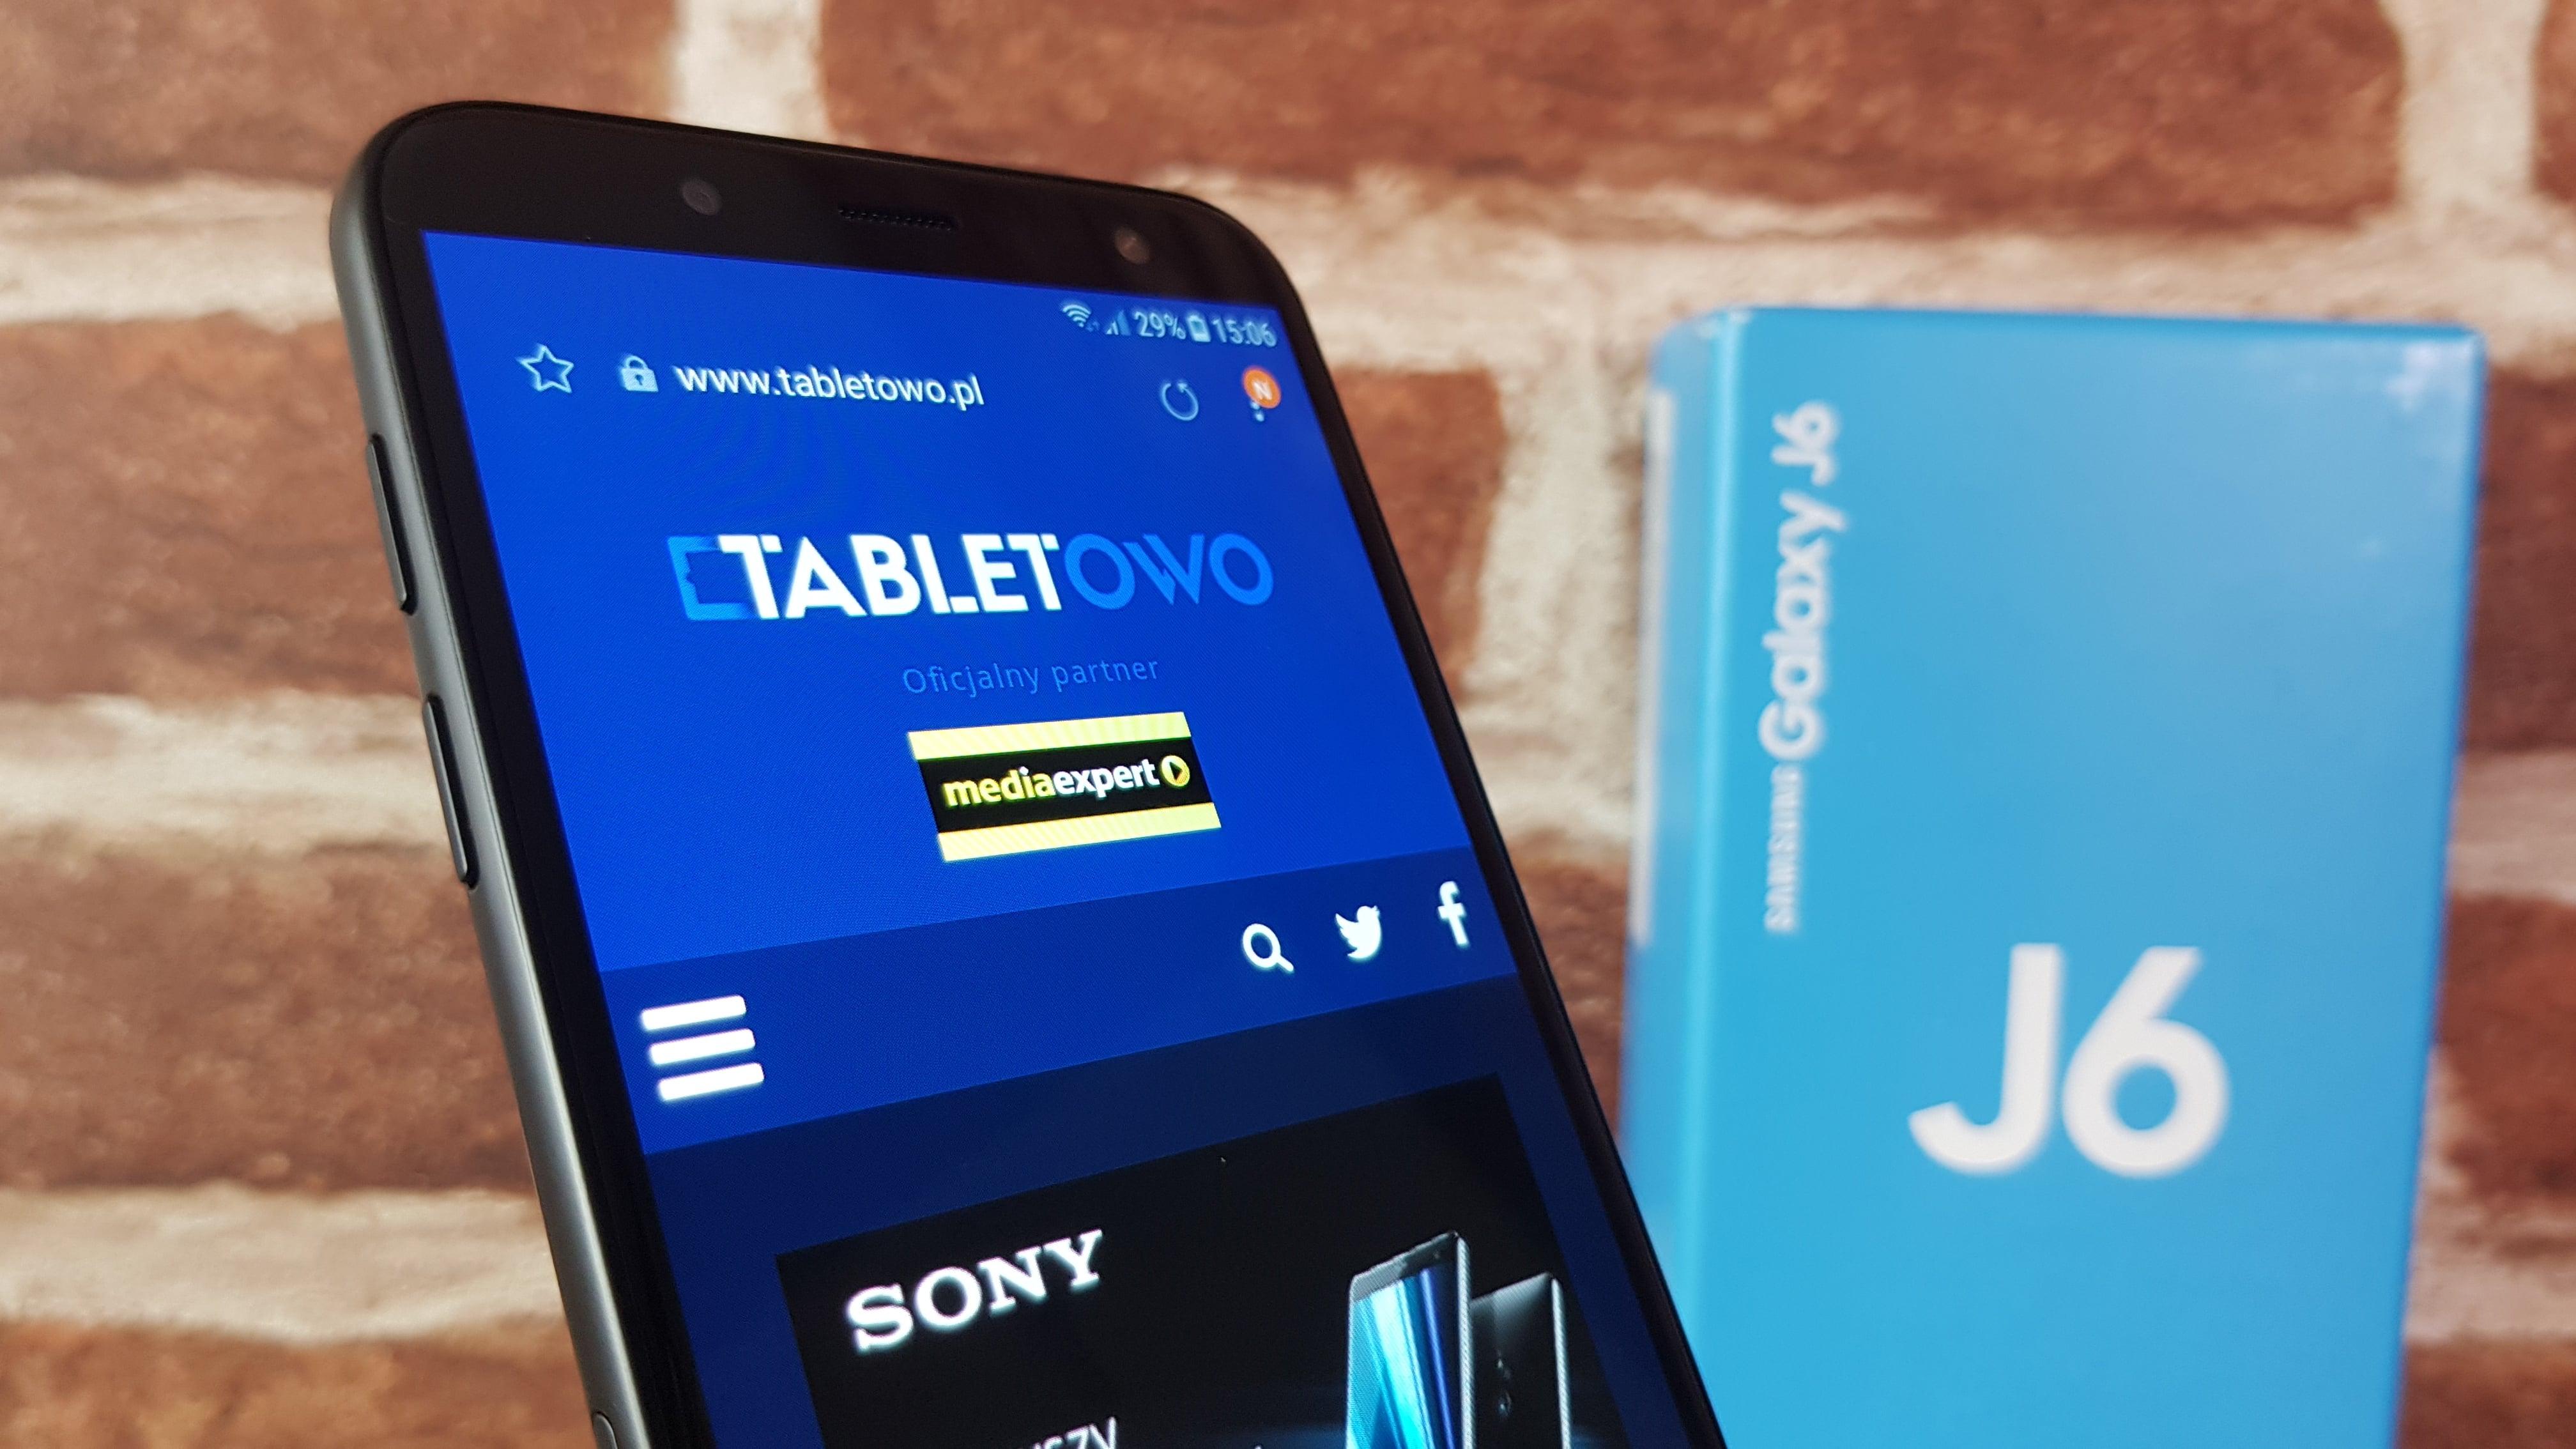 Recenzja Samsunga Galaxy J6 - ciekawy smartfon, który może nieźle namieszać w ofertach abonamentowych 14